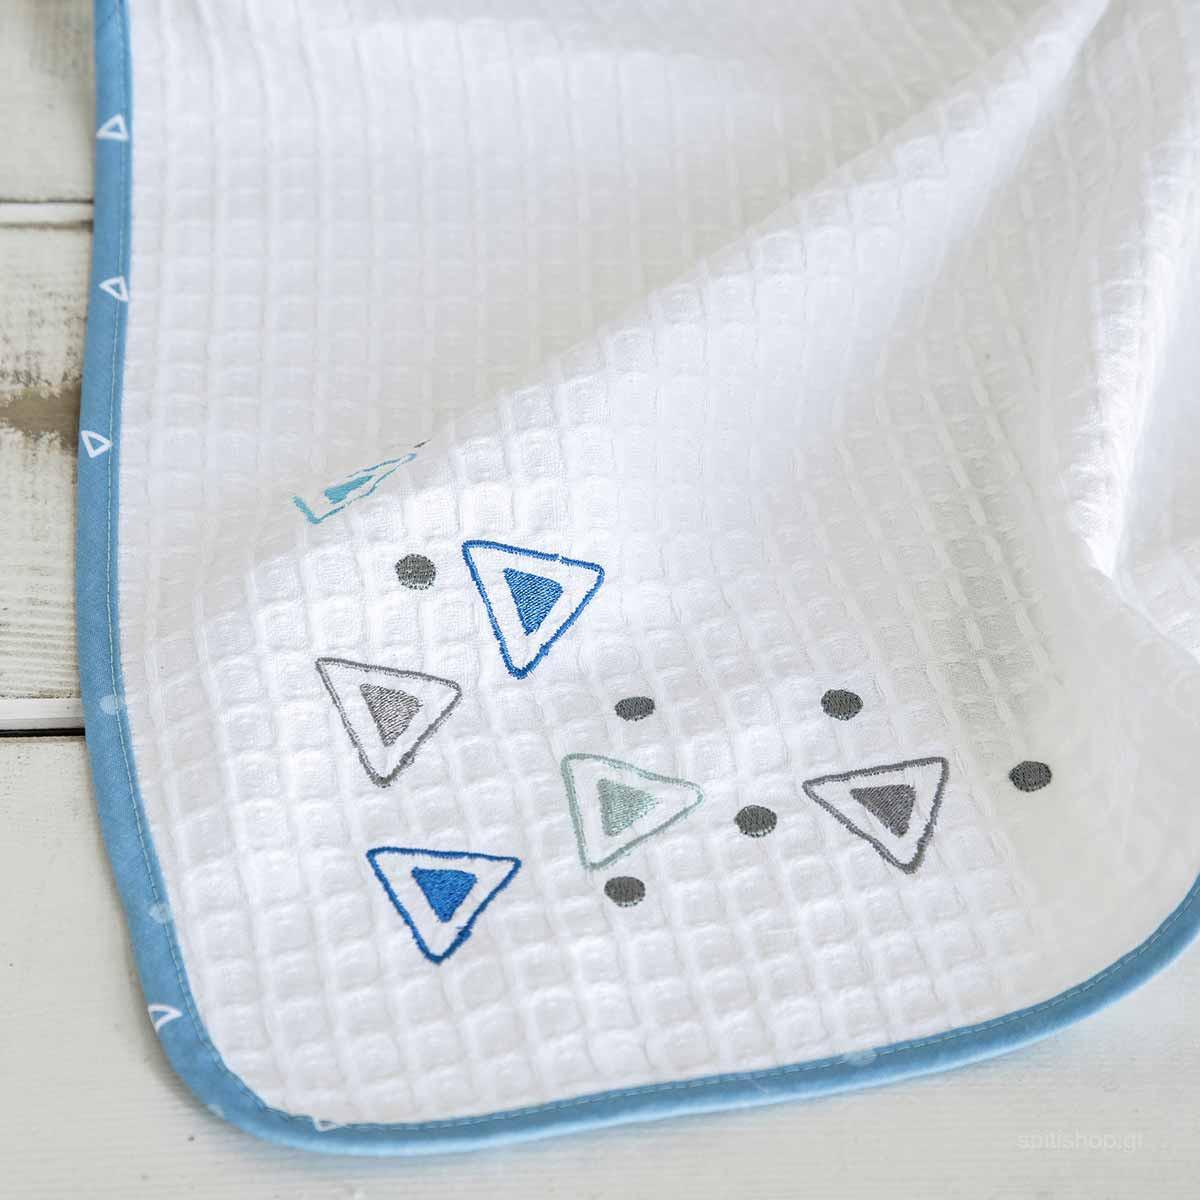 Κουβέρτα Πικέ Κούνιας Nima Baby Blob home   βρεφικά   κουβέρτες βρεφικές   κουβέρτες καλοκαιρινές